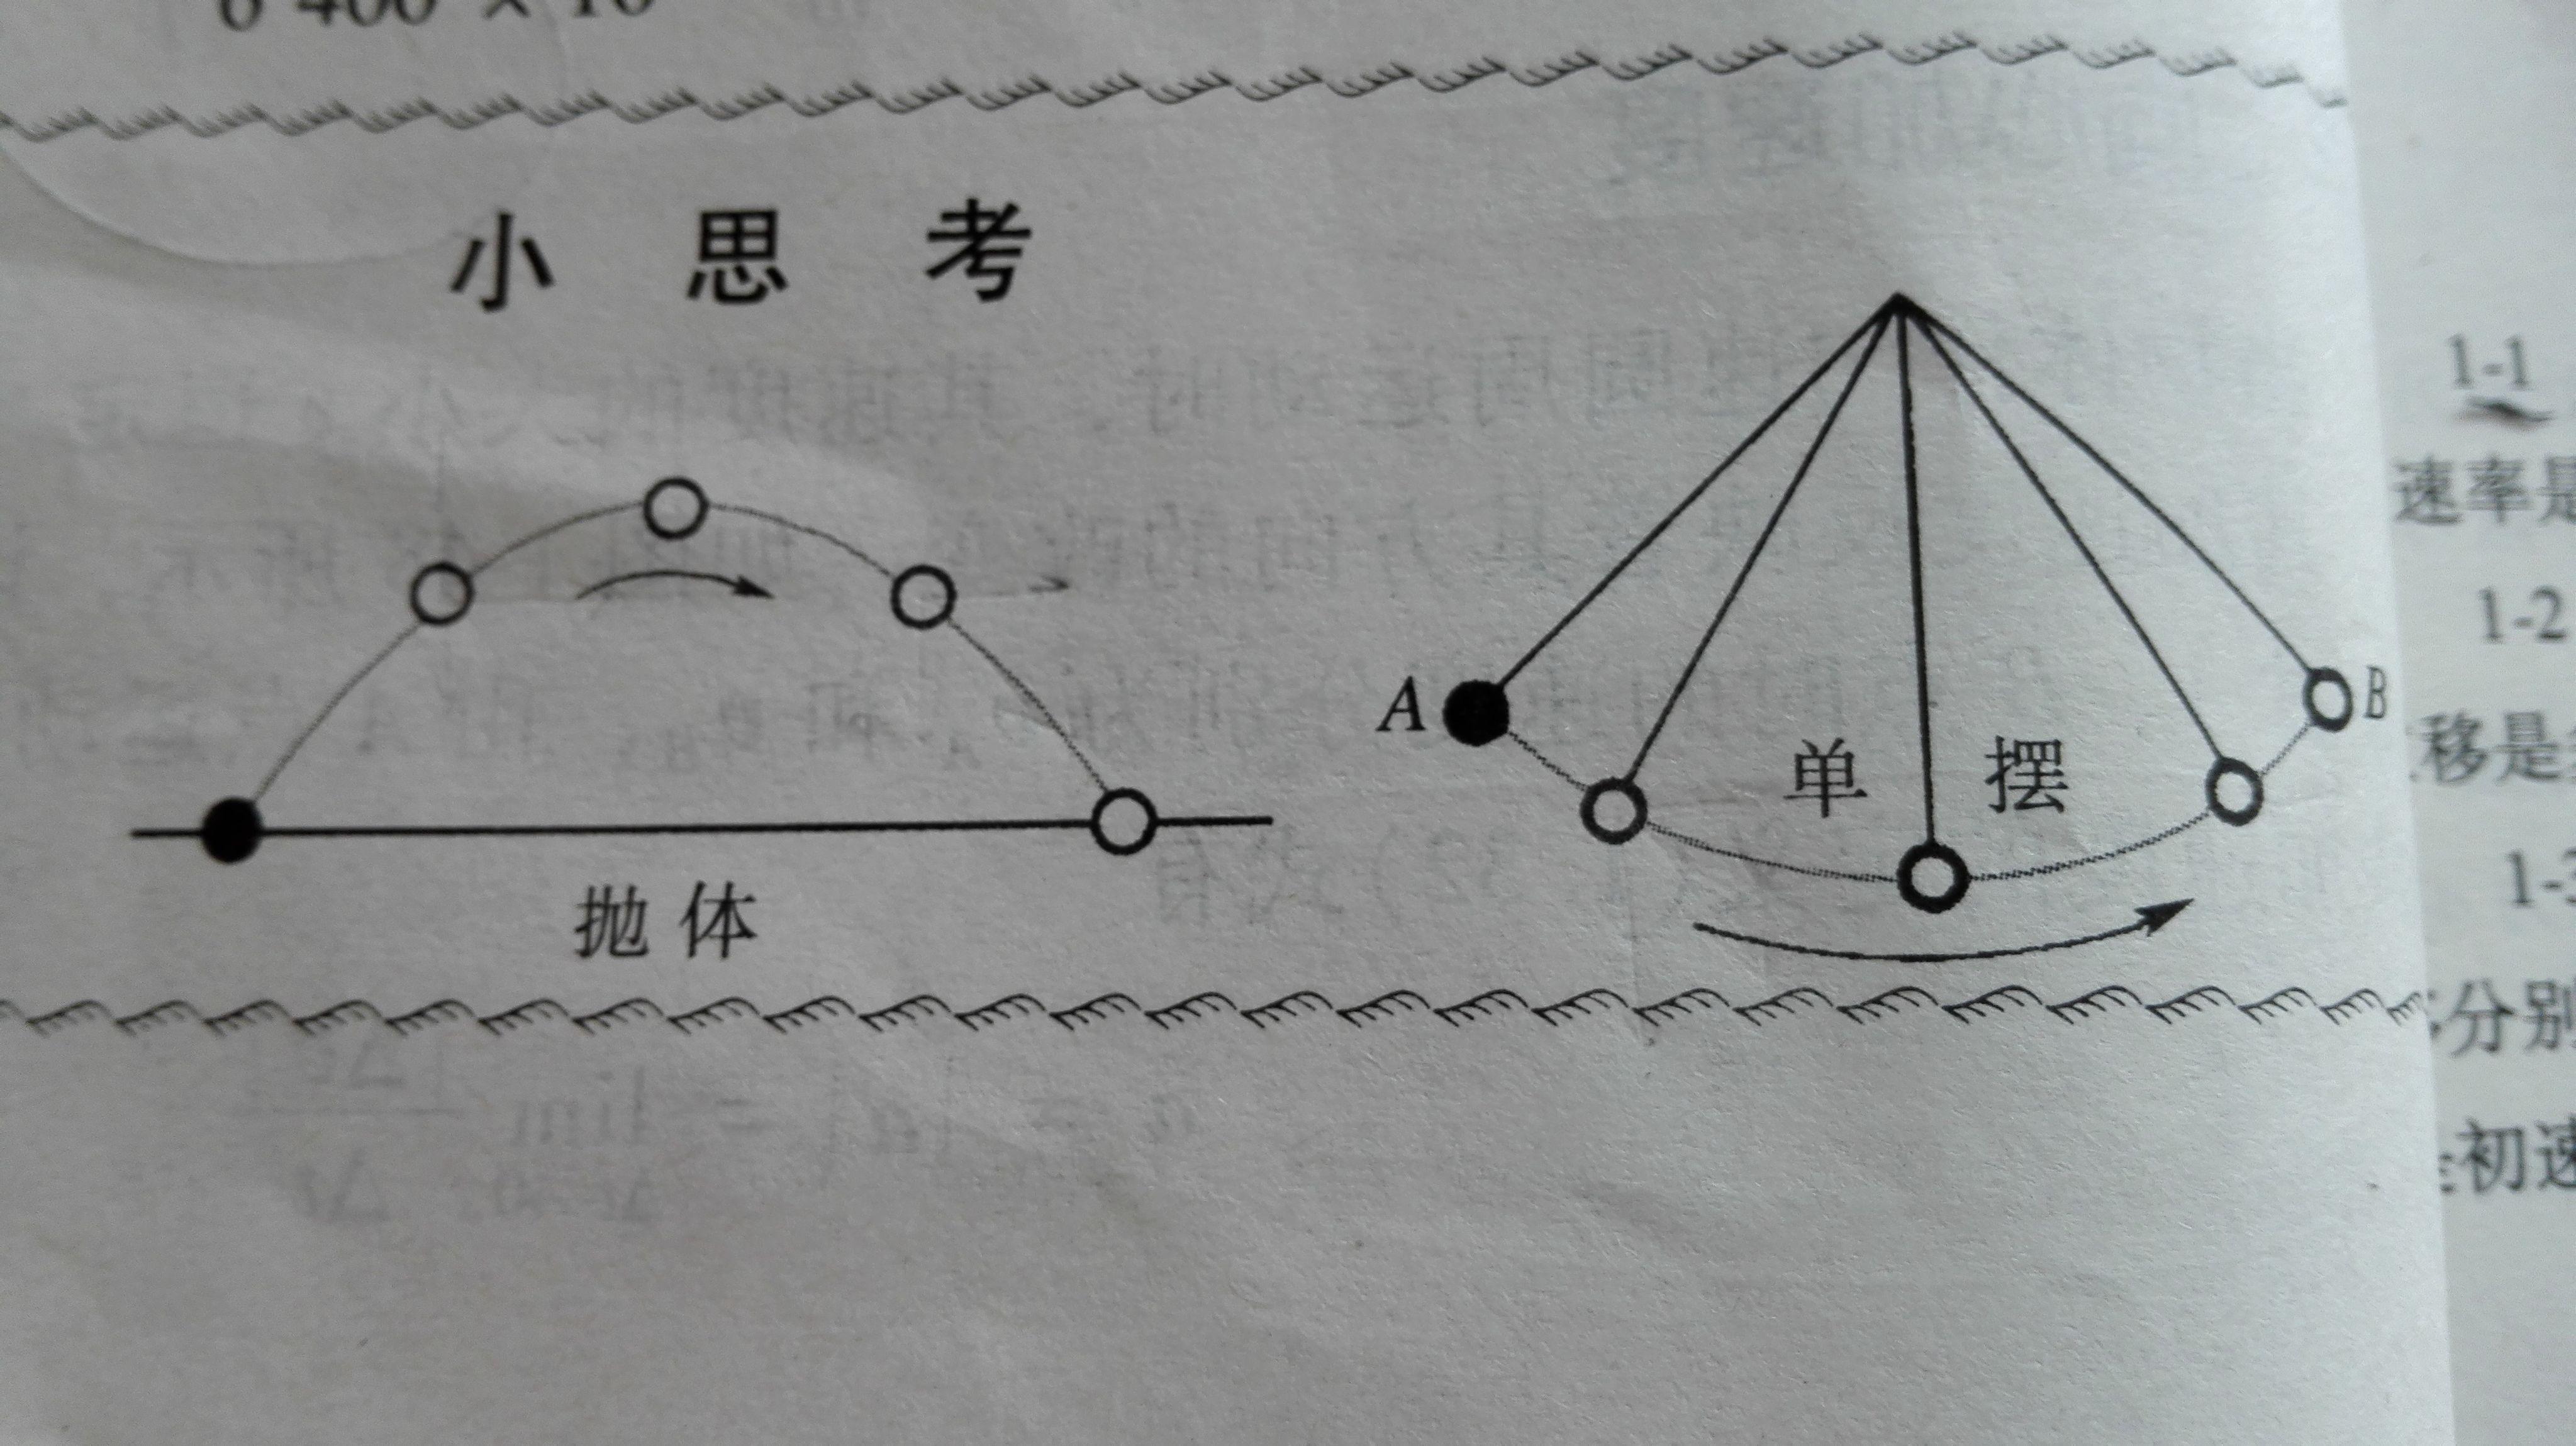 在图中定性的画出抛体和单摆运动各阶段加速度矢量的大小和方向,谢谢